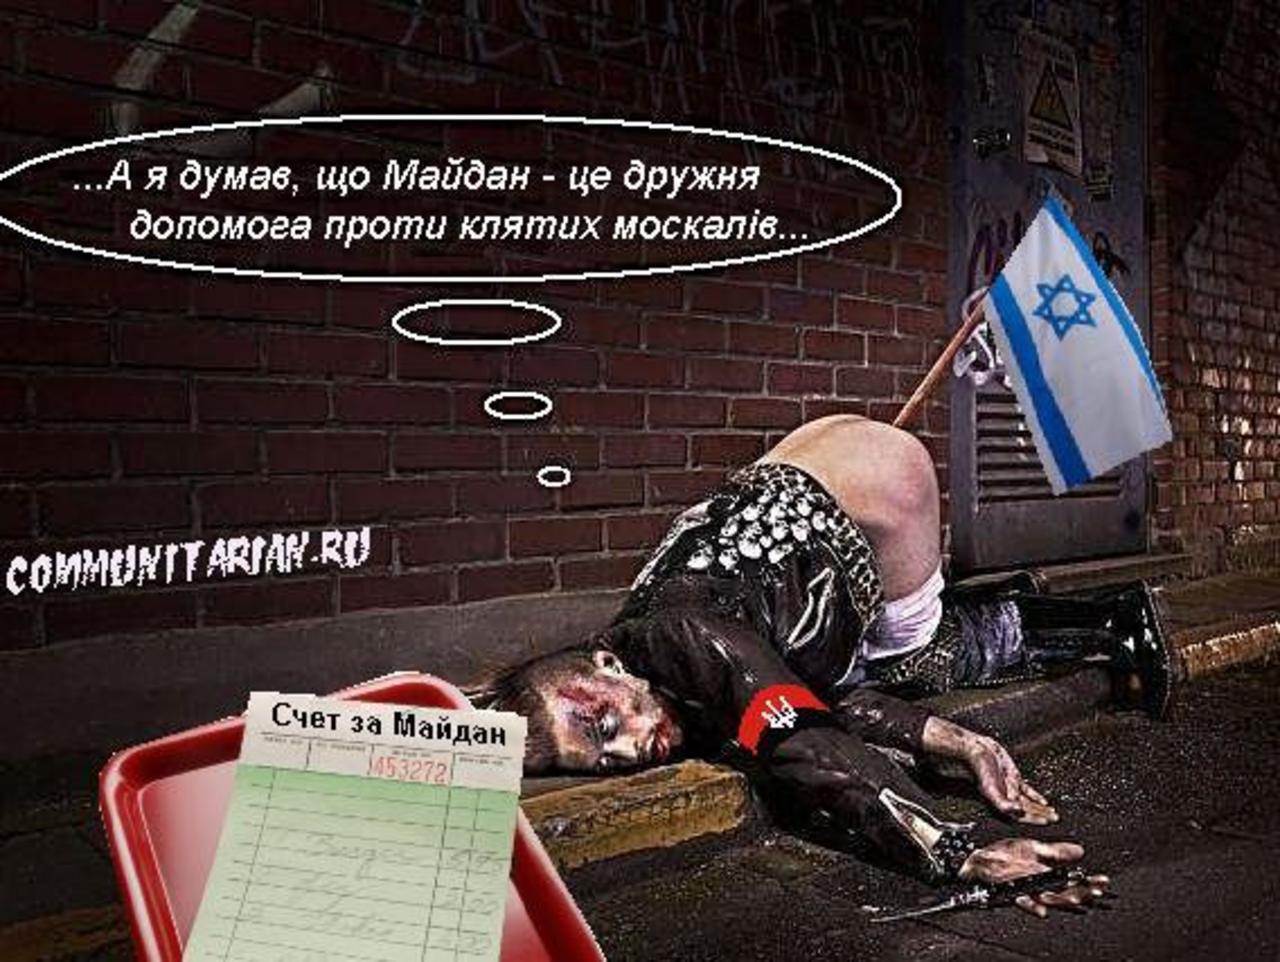 десятая сионисты в картинках наркотические вещества переставали